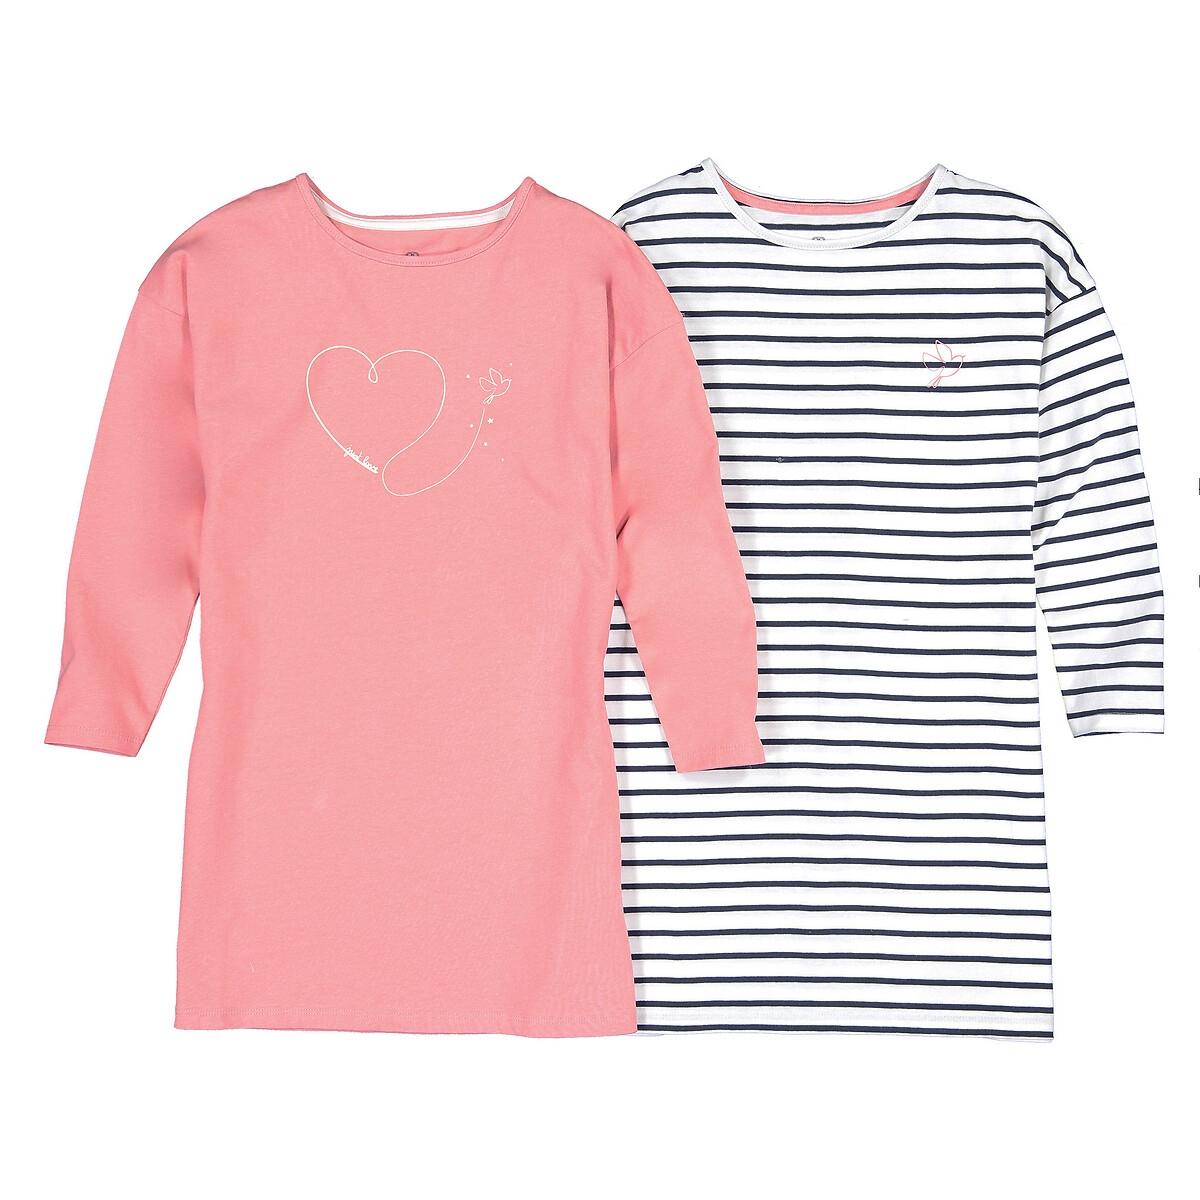 Комплект из 2 ночных рубашек LaRedoute Из биохлопка 3-12 лет 12 -150 см розовый